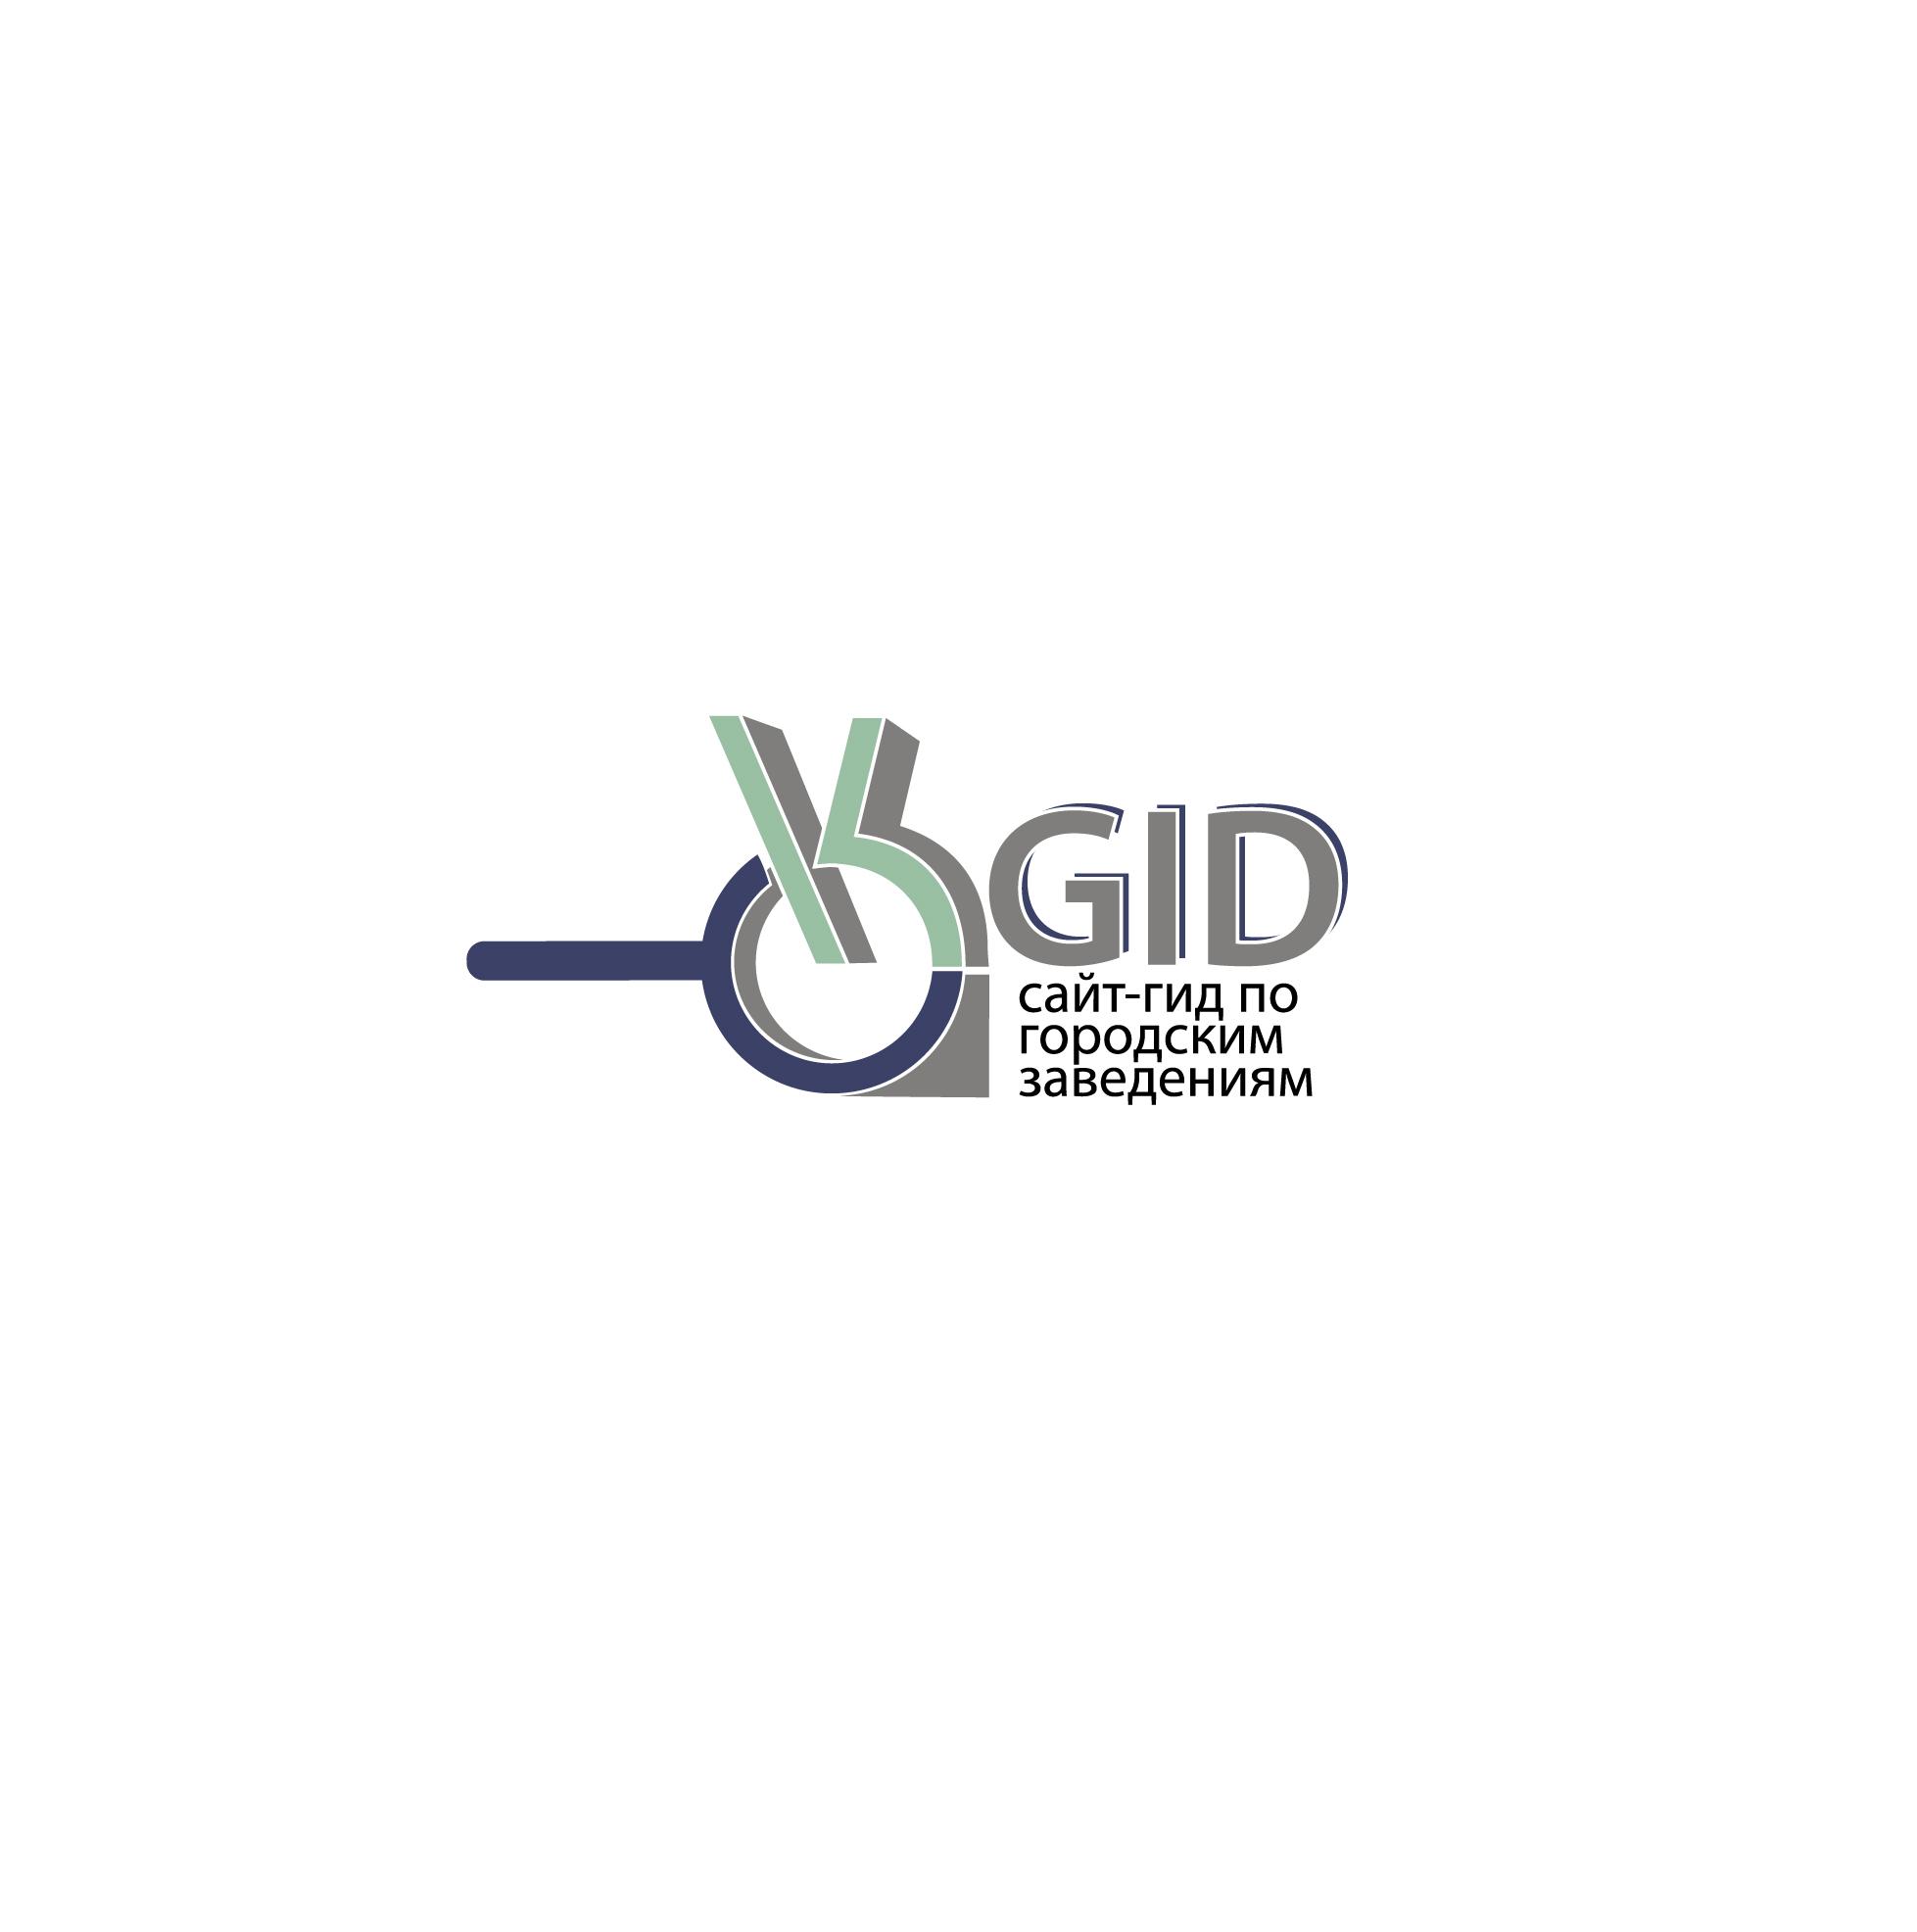 Логотип для сайта OKgid.ru фото f_56757c839c45691b.jpg